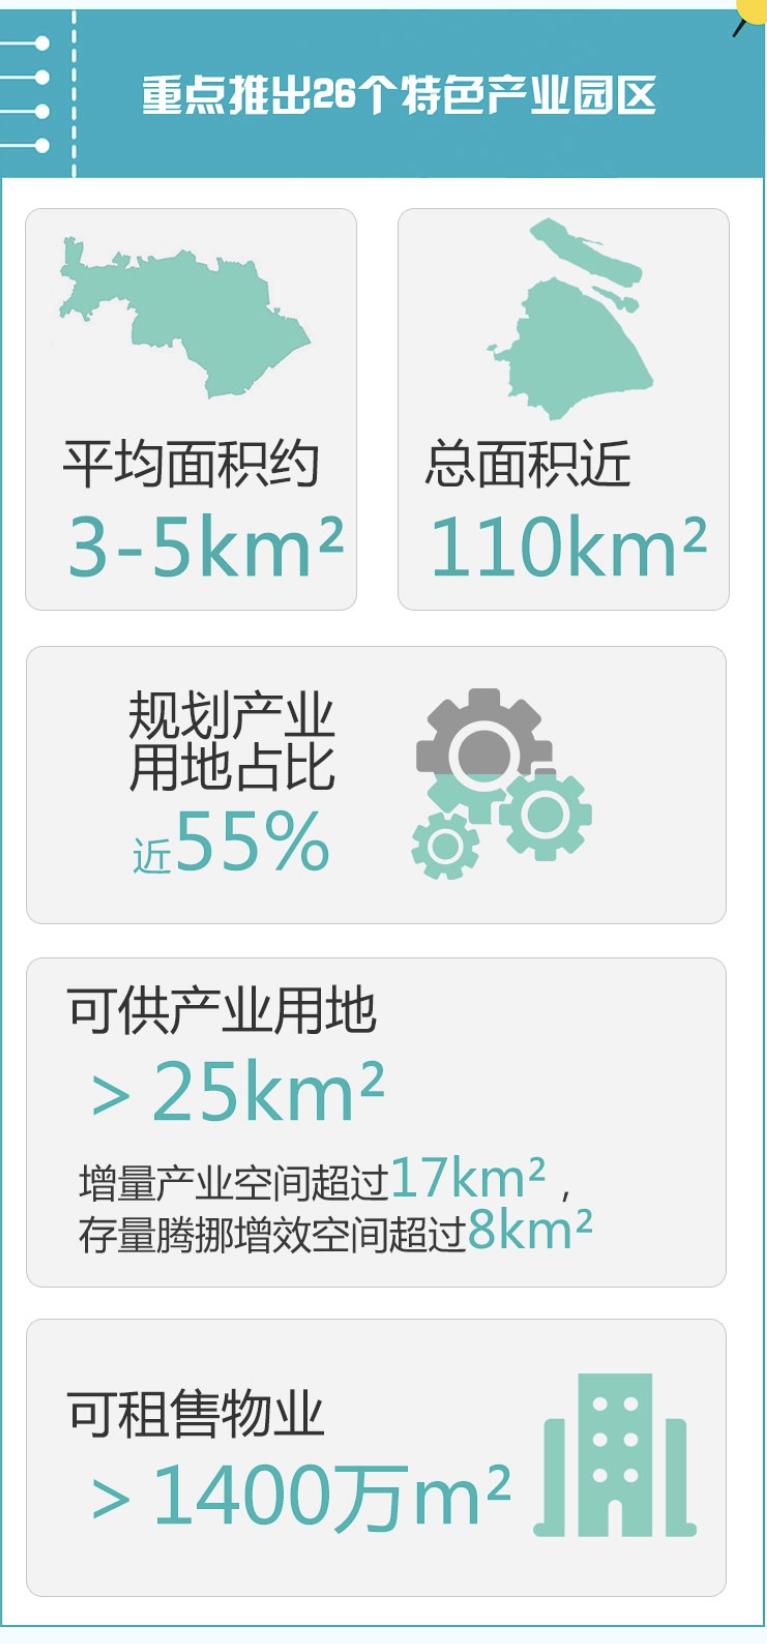 图表来源:上海经信委